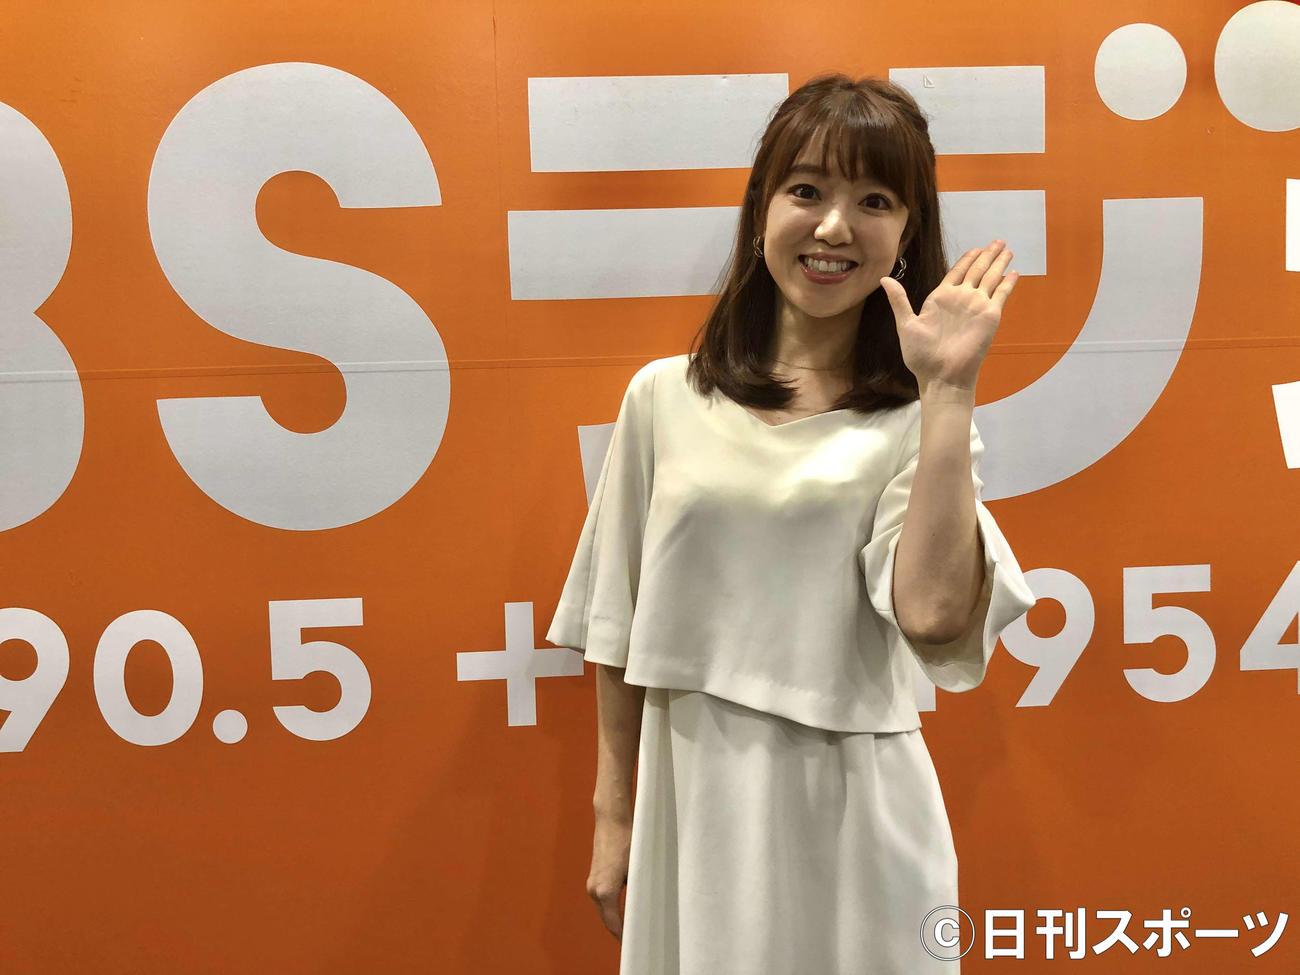 婚約を発表したフリーアナウンサー幸坂理加